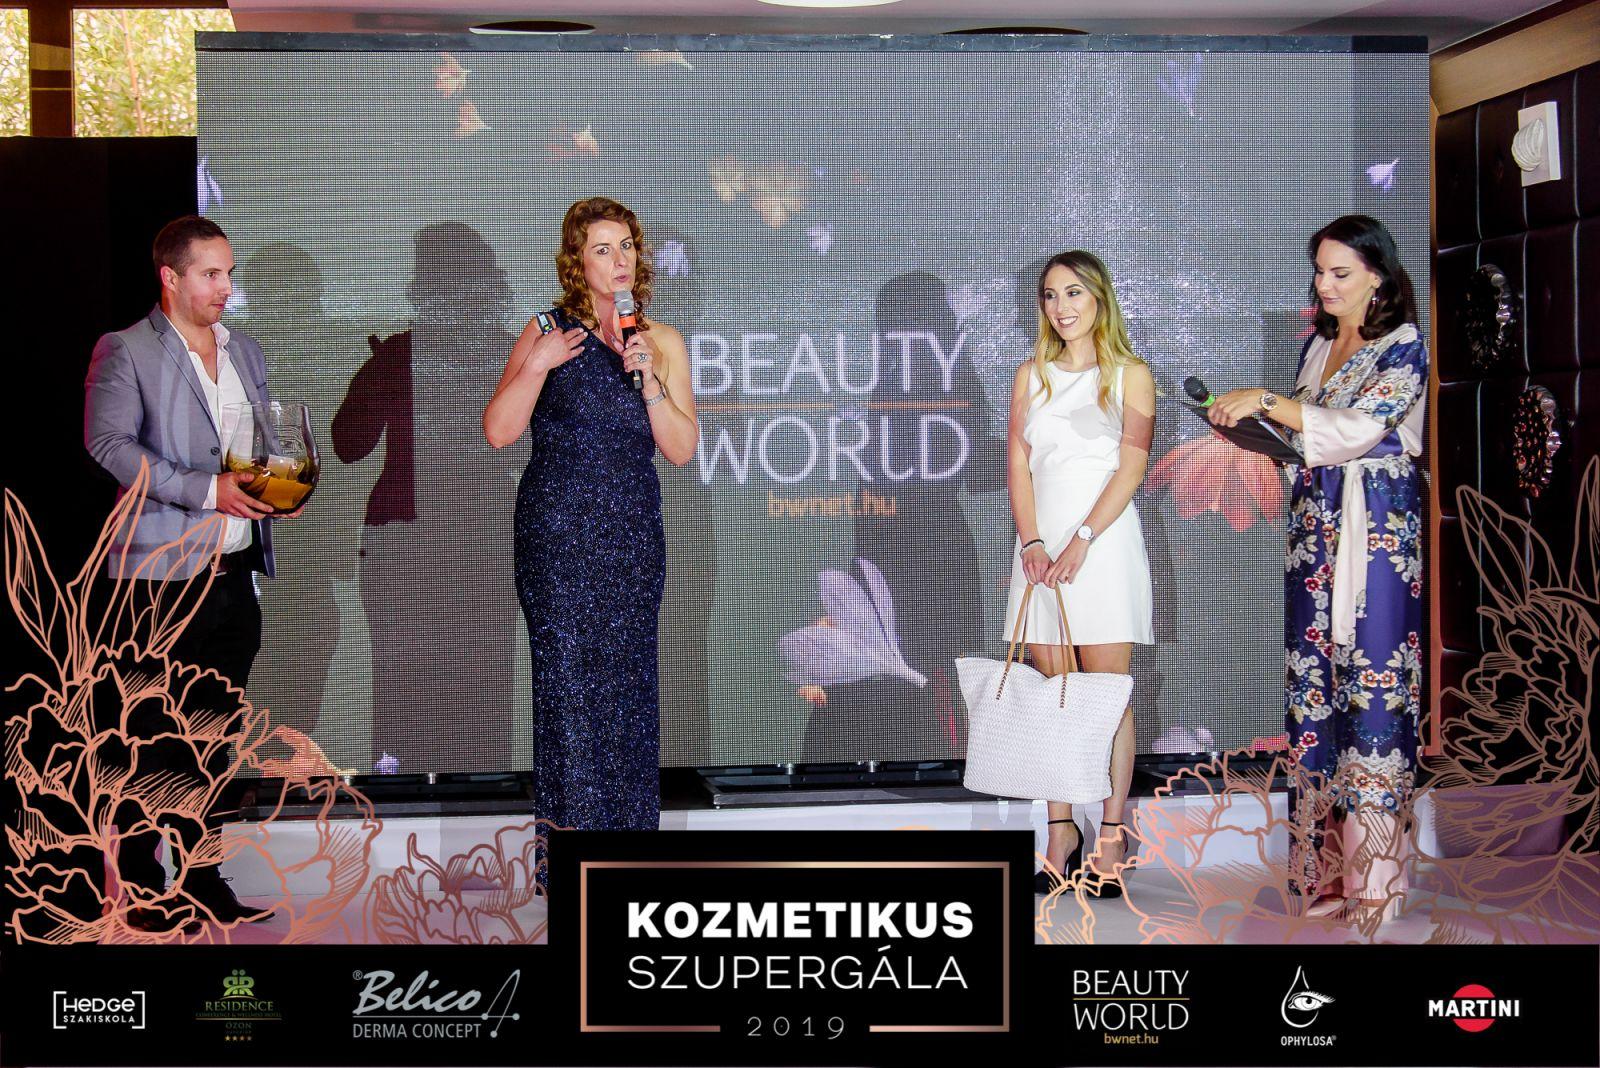 Kozmetikus Szupergála, képek, képes beszamoló, Duna Garden, Bwnet_online időpontfoglaló program